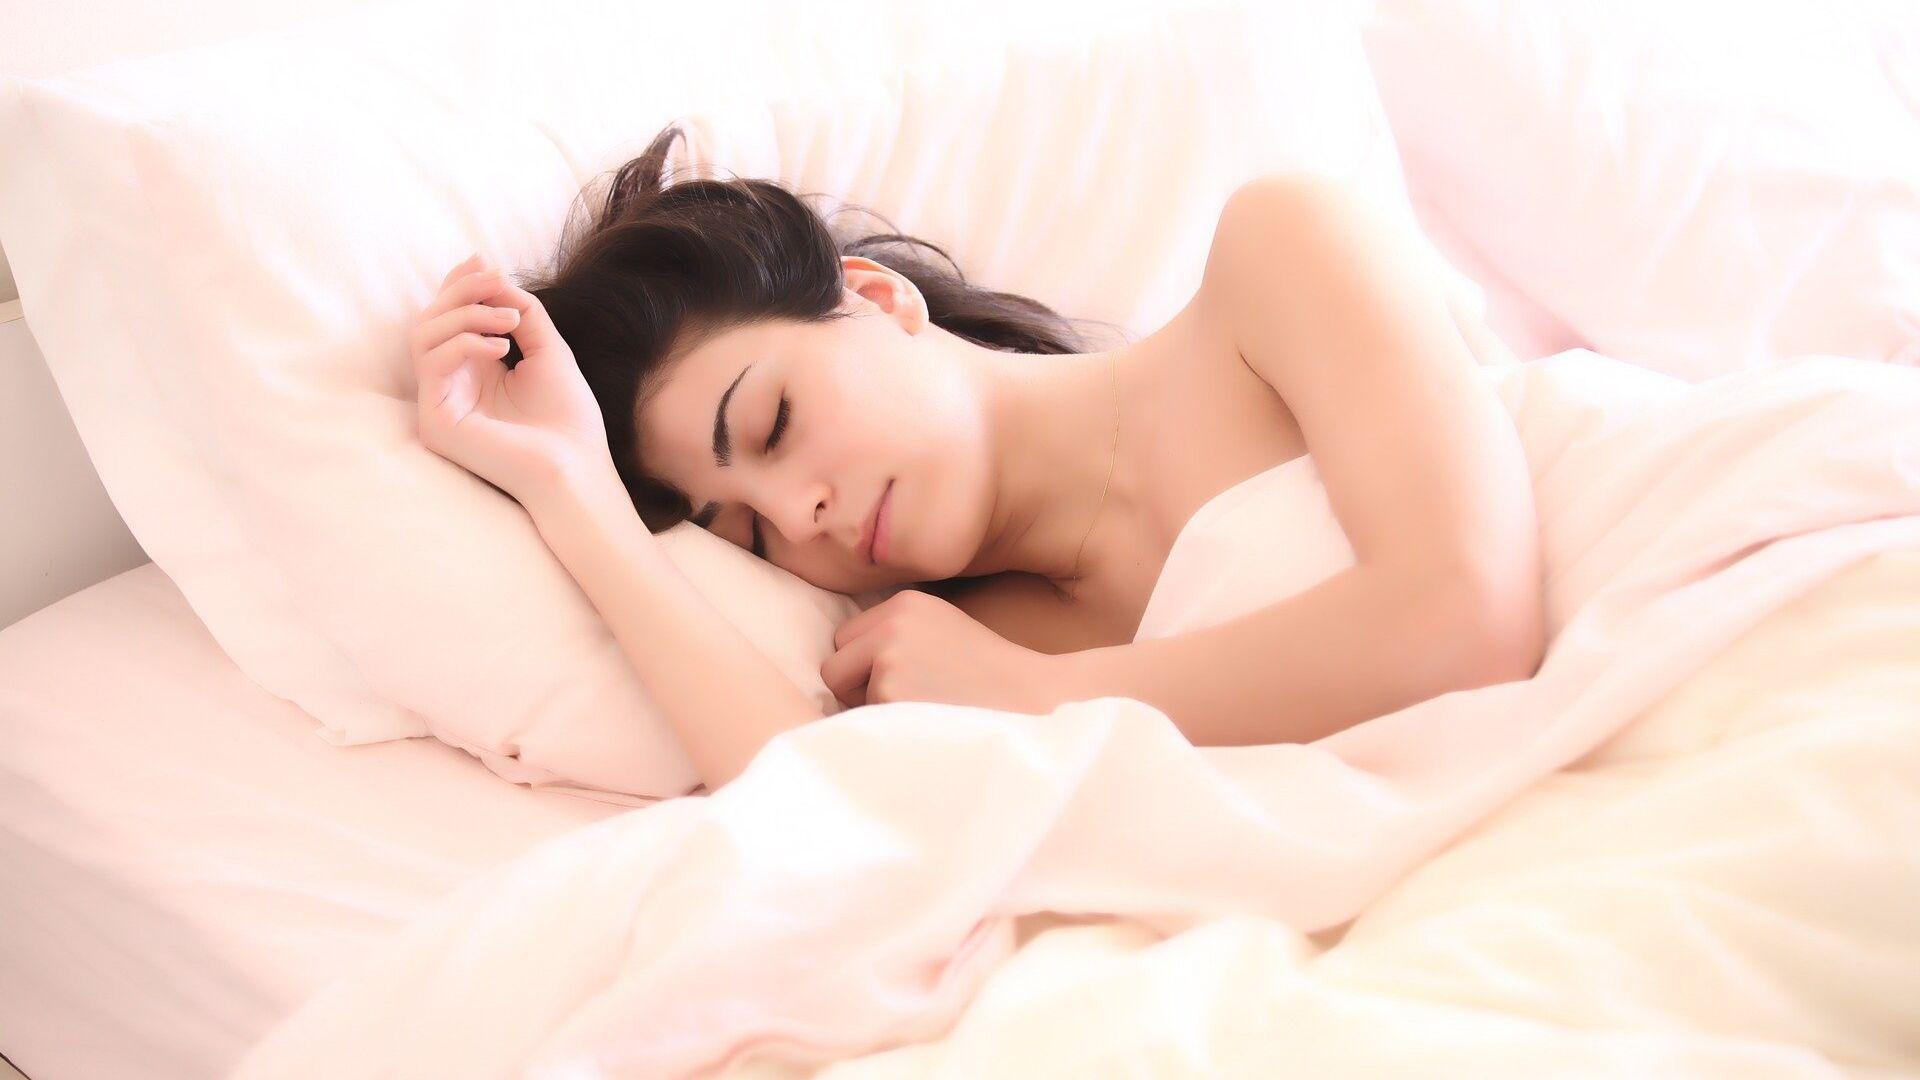 Una mujer está durmiendo en la cama  - Sputnik Mundo, 1920, 14.03.2021